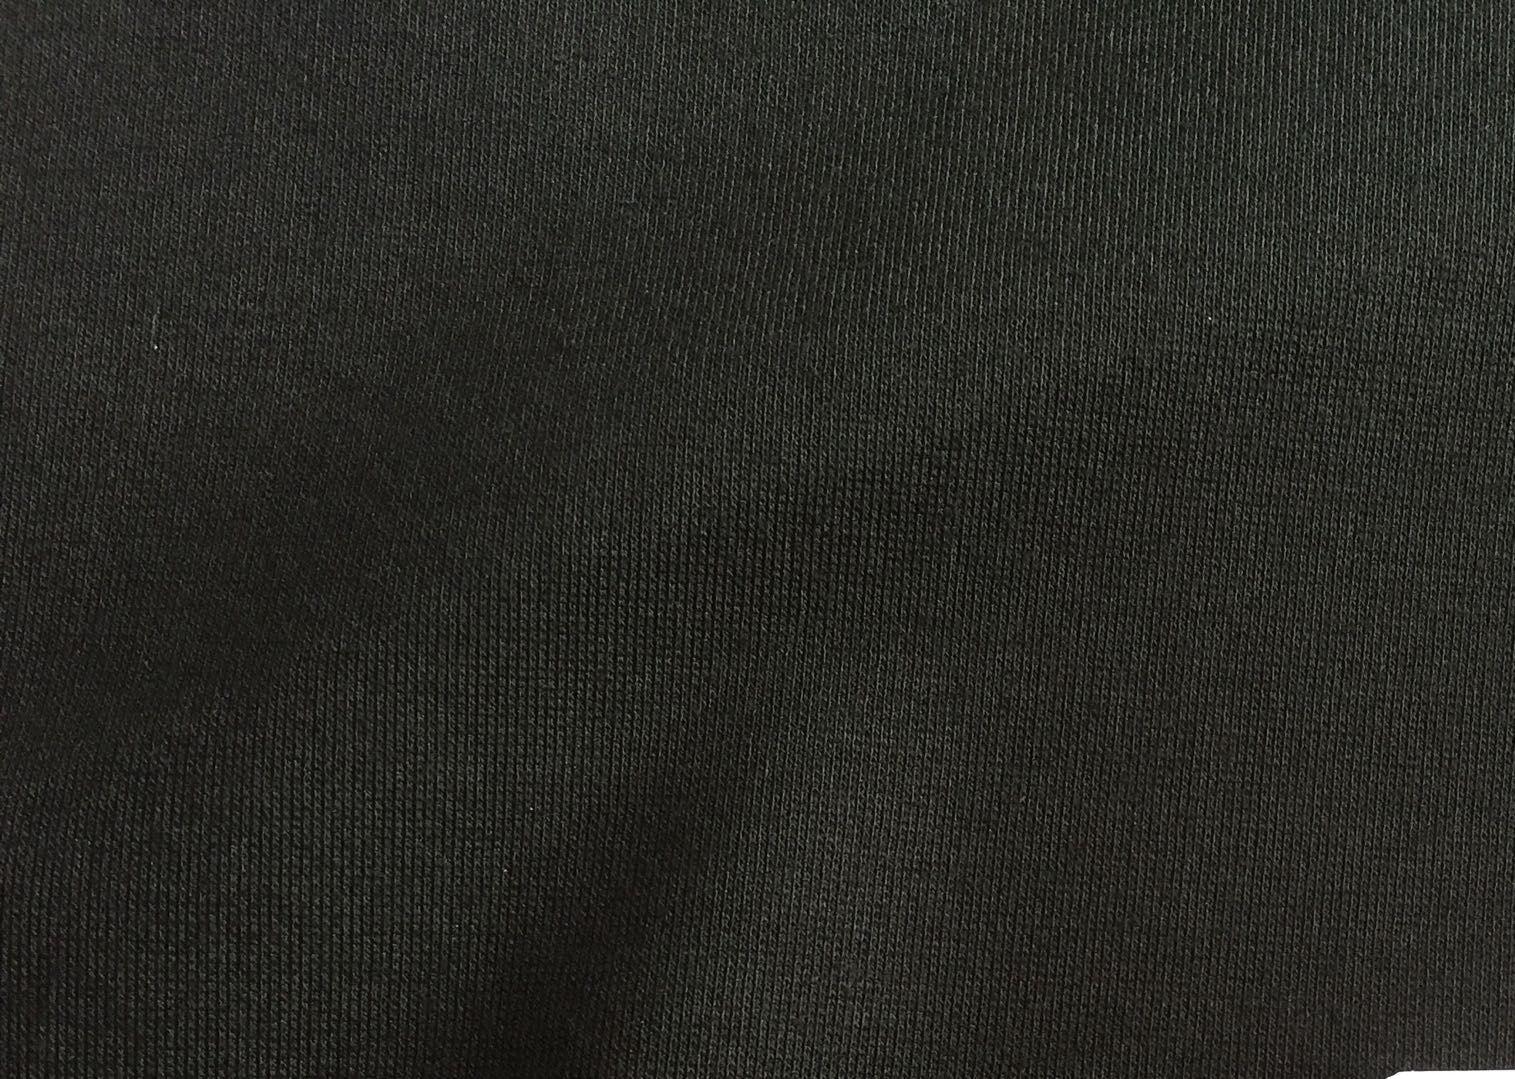 60sNR-roma fabric (SCY product model)